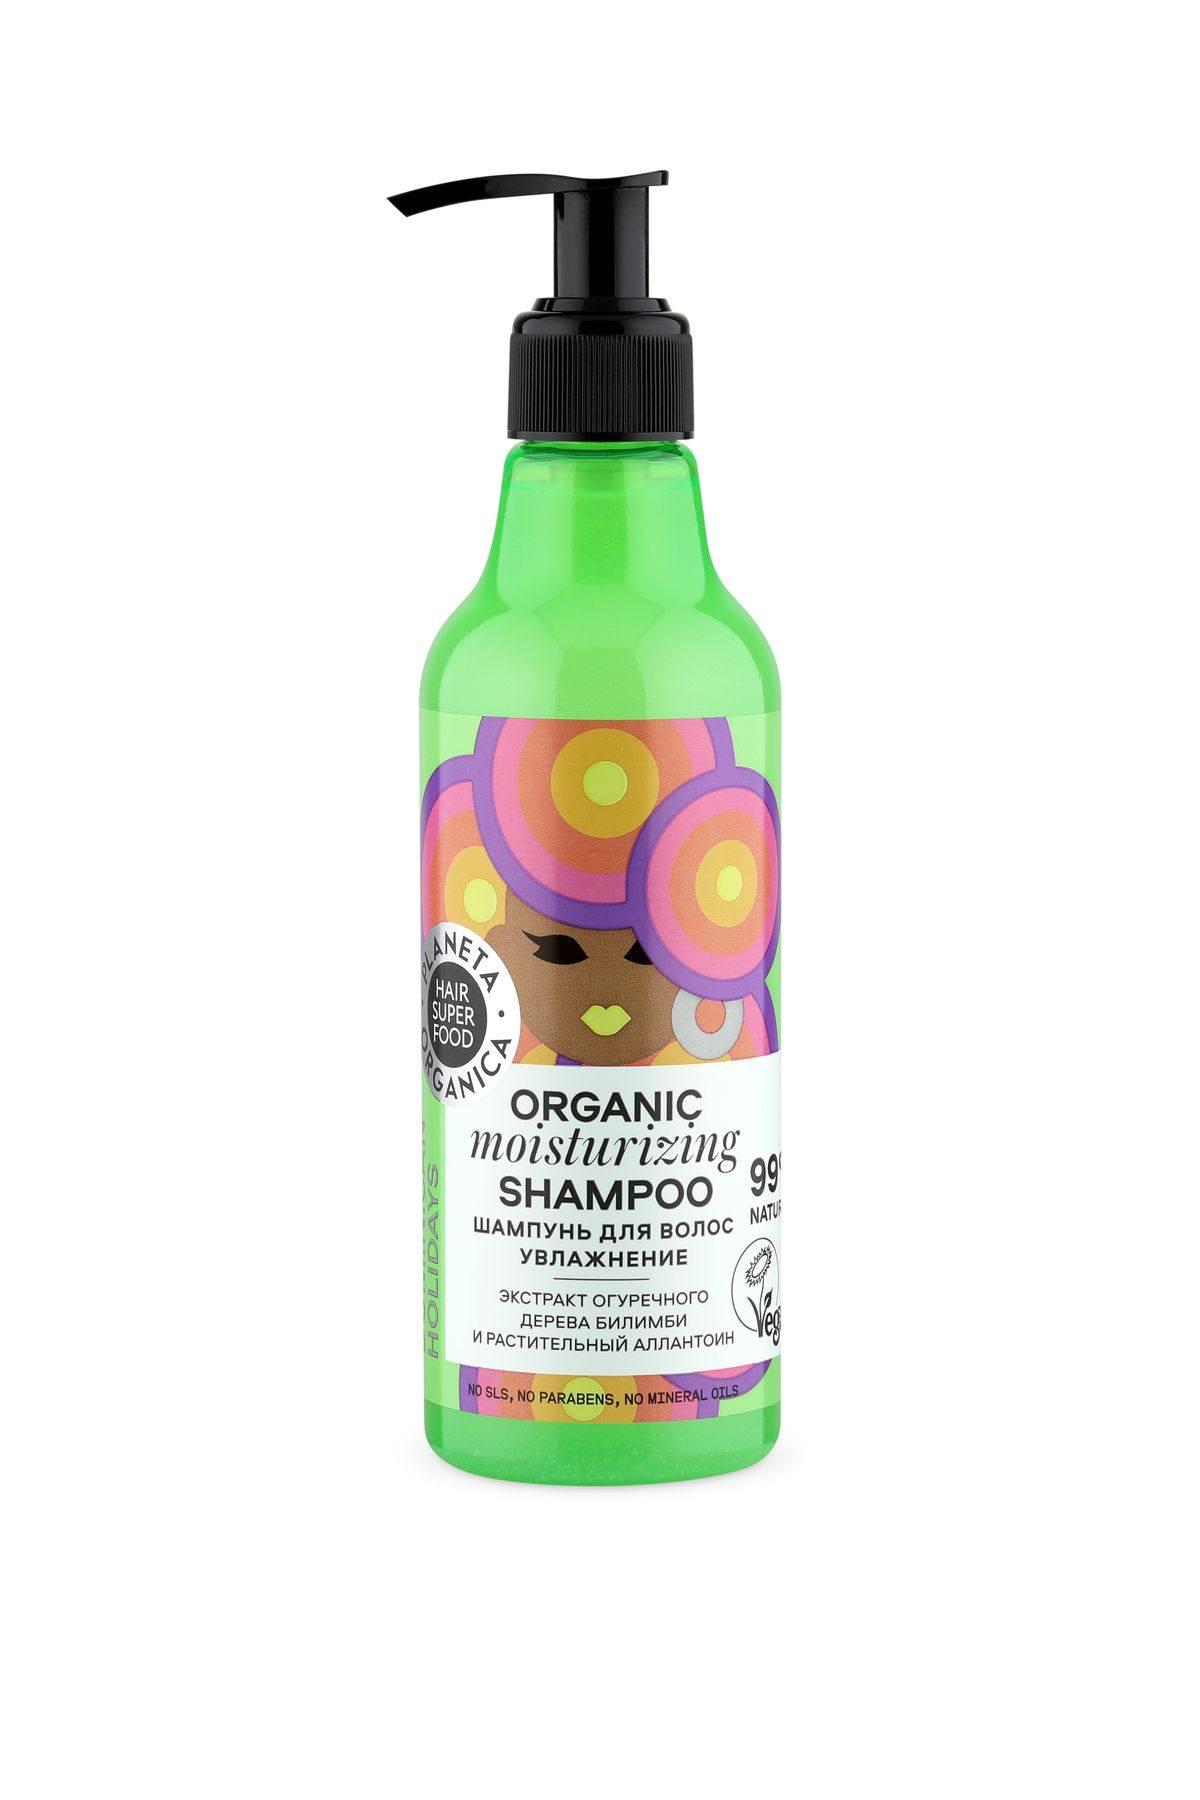 Купить Planeta Organica Hair Super Food Шампунь для волос Увлажнение Organic shampoo Moisturizing , 250 мл (shop: Organic-shops Organic shops)